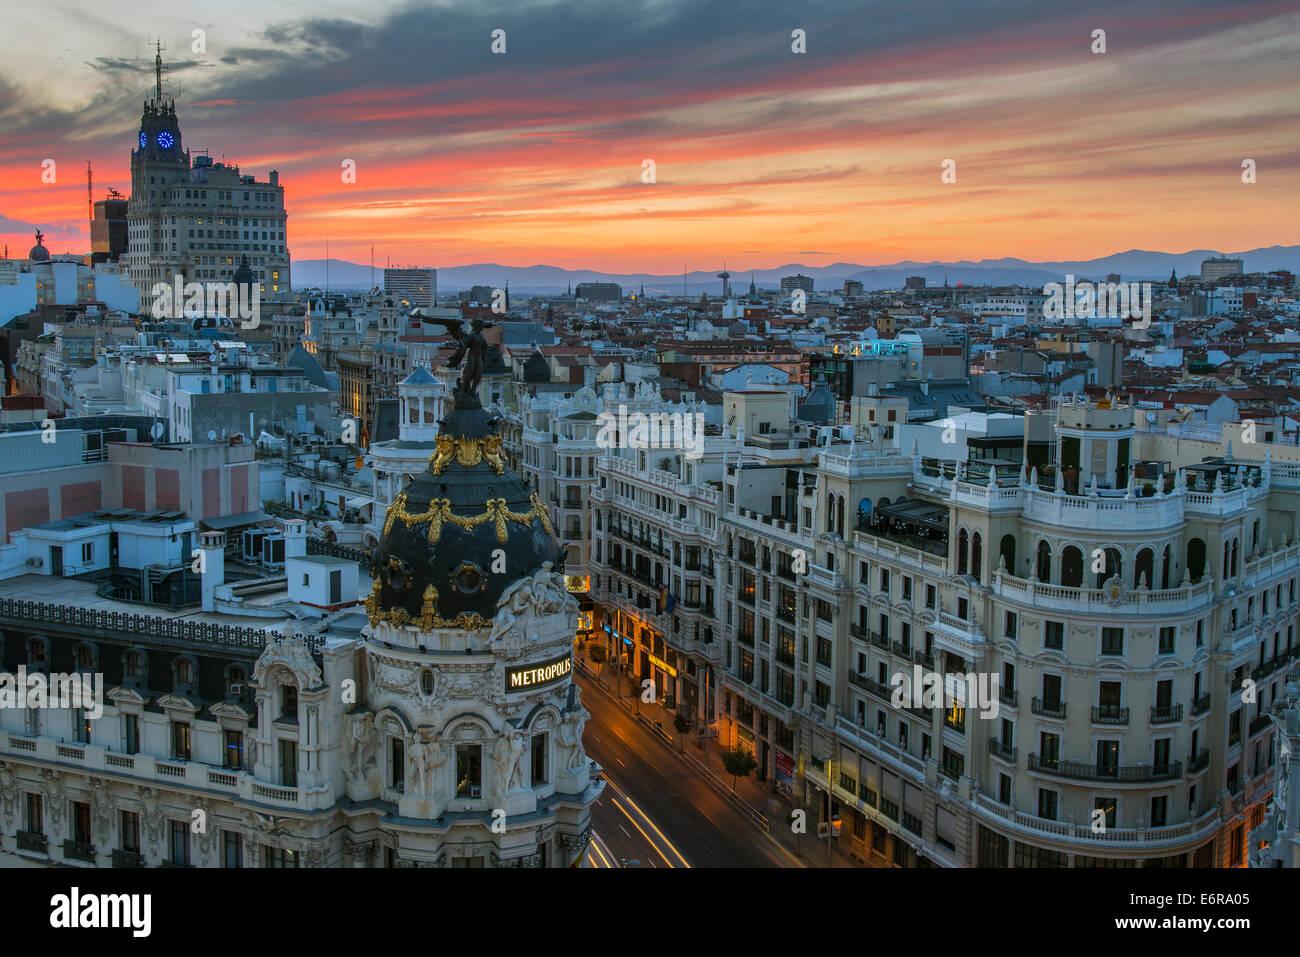 Skyline mit Metropolis Gebäude und Gran Via Street bei Sonnenuntergang, Madrid, Comunidad de Madrid, Spanien Stockbild